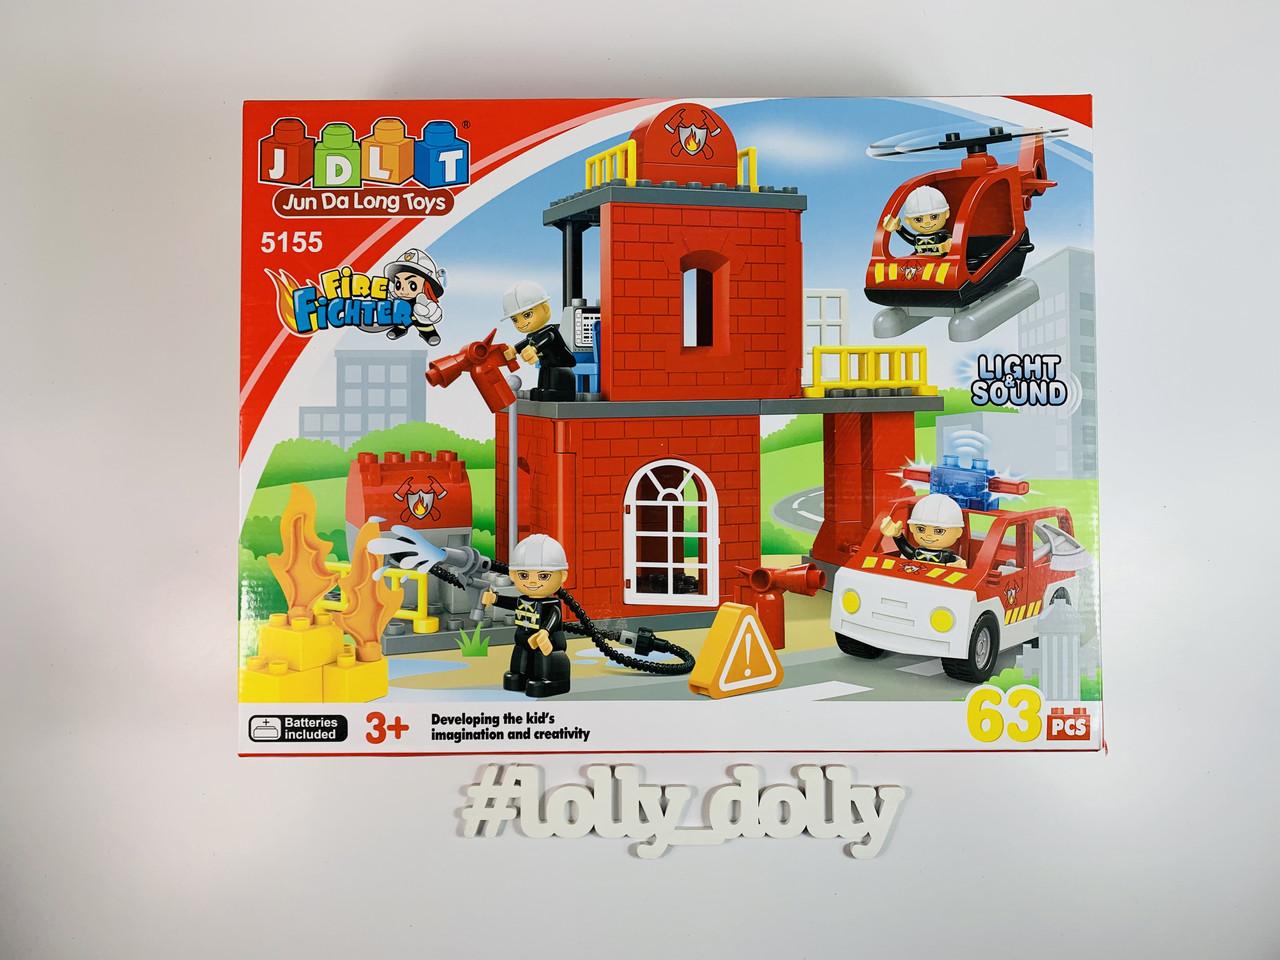 Конструктор JDLT 5155 Пожежна станція на 63 деталі аналог Lego Duplo